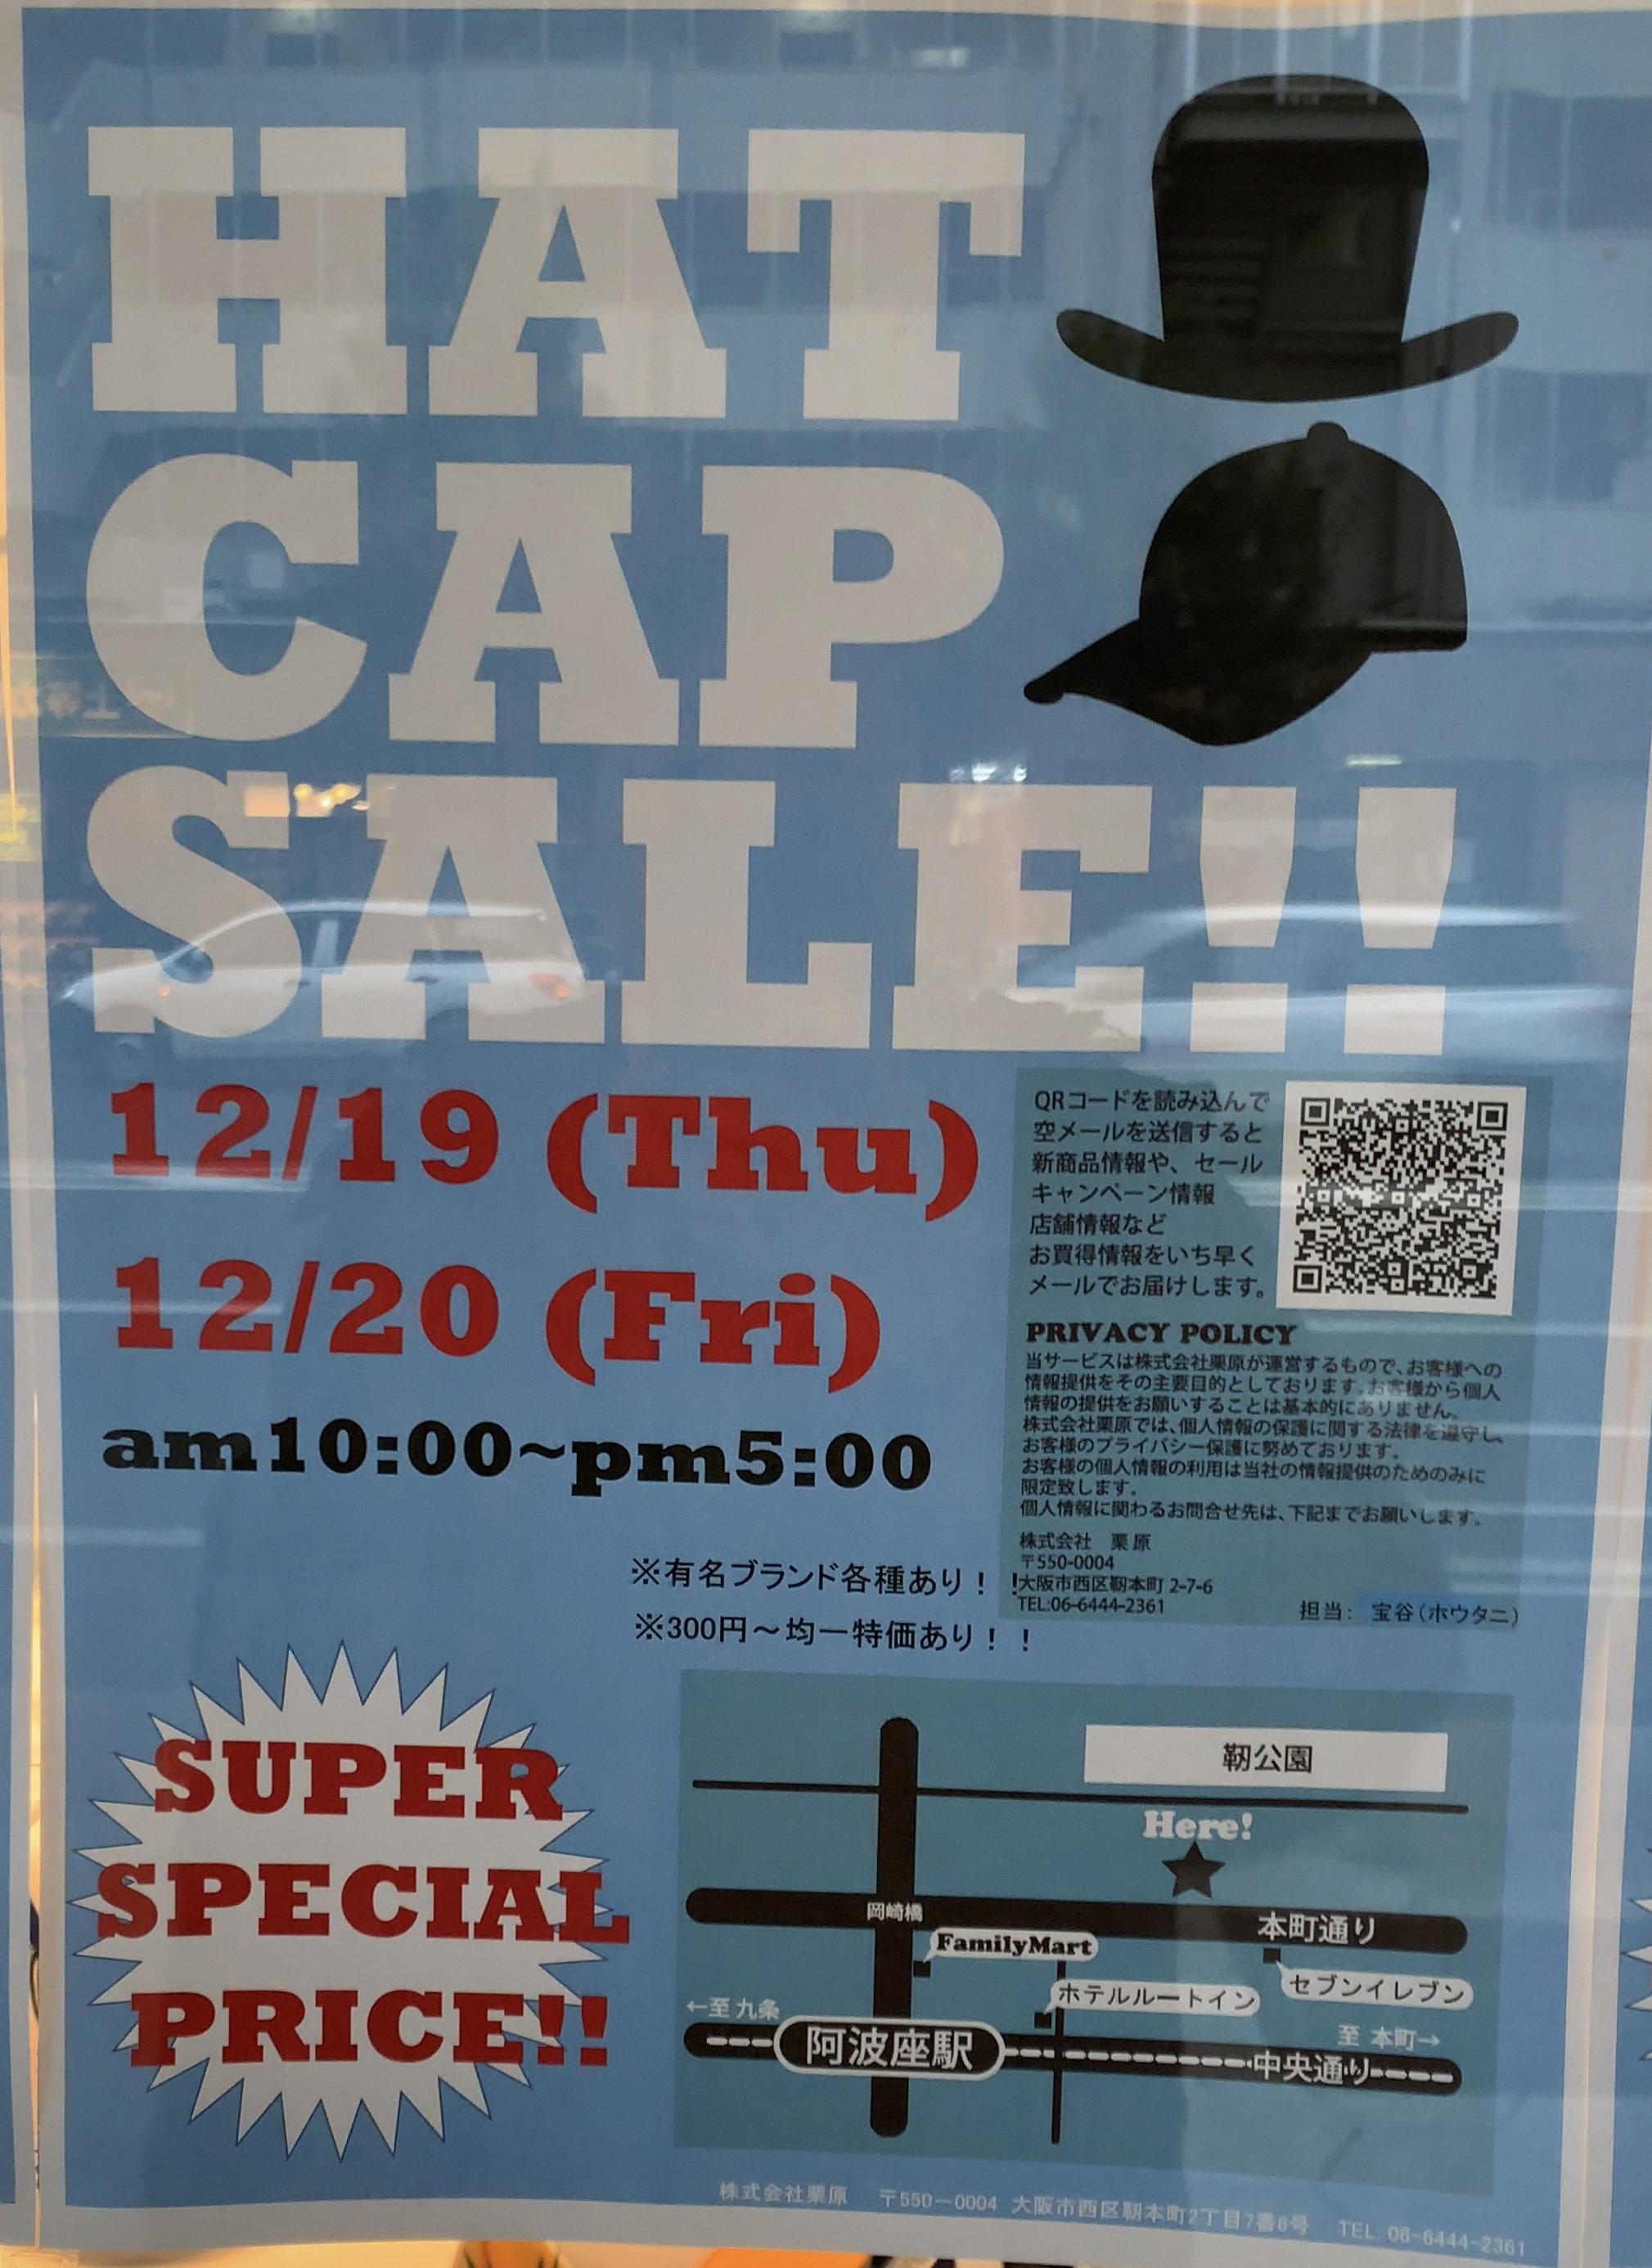 大阪 override(オーバーライド)など展開、株式会社栗原 ファミリーセール開催 2019年12月